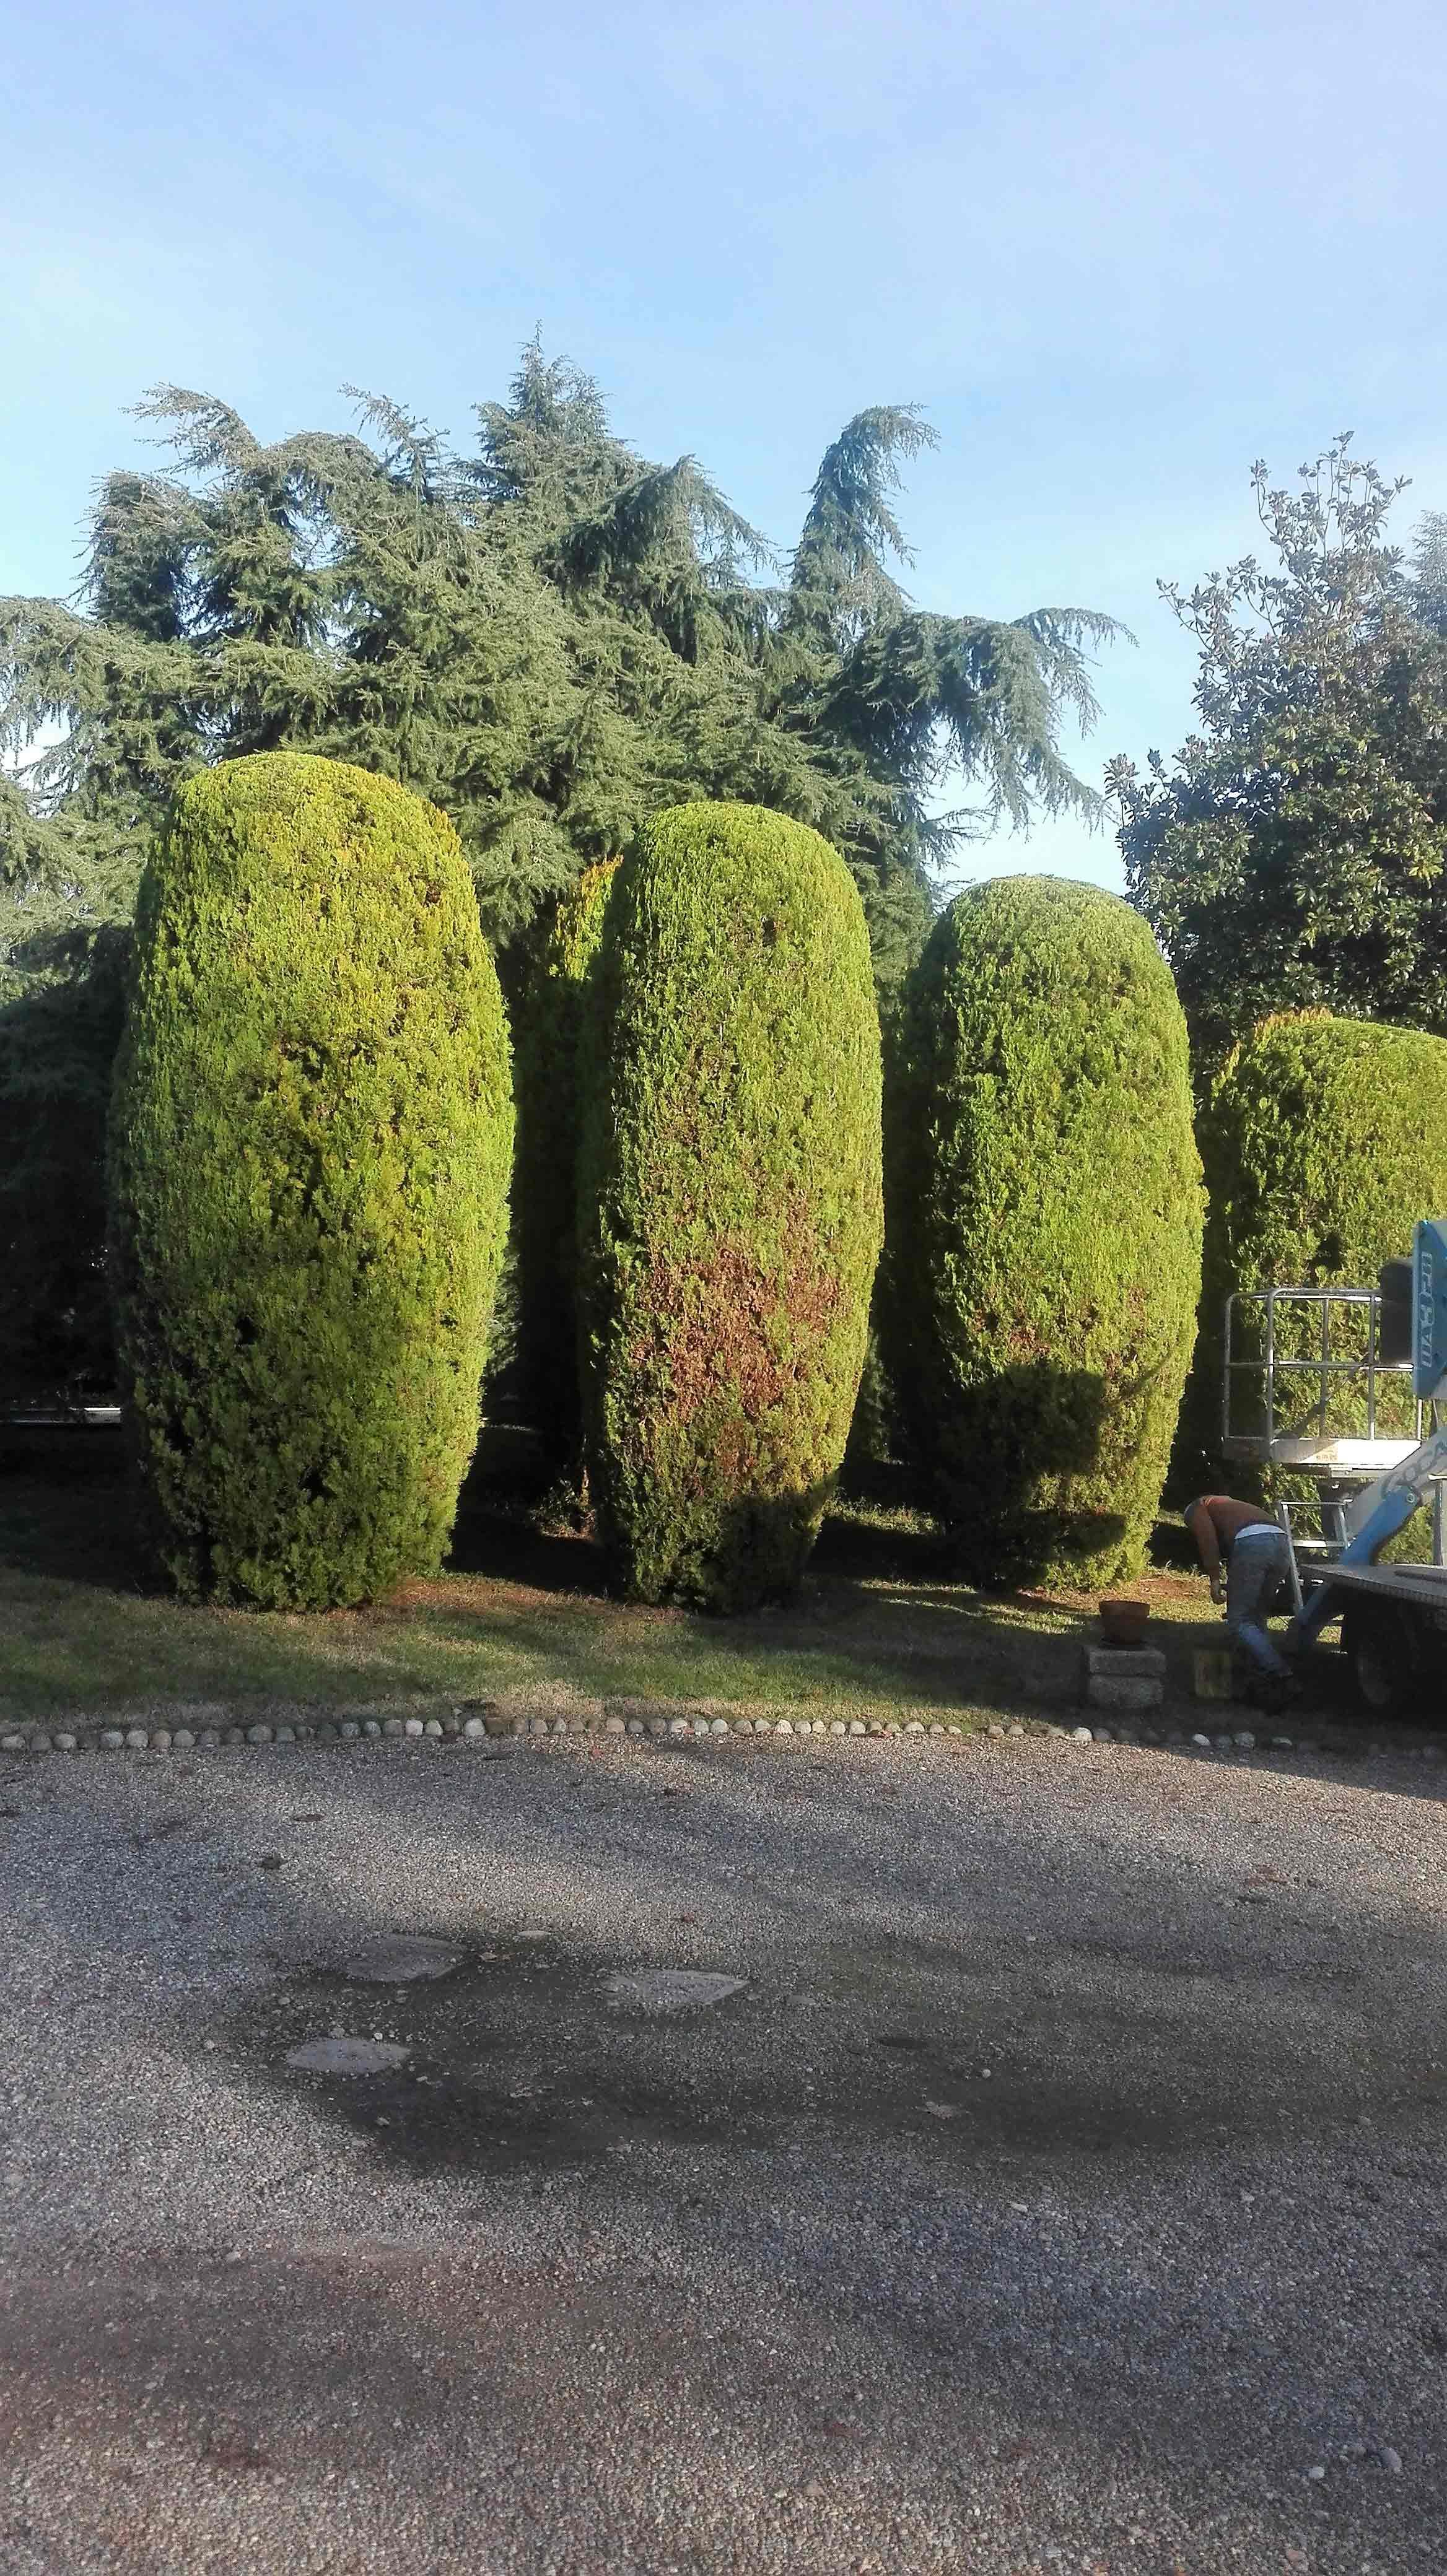 tre cipressi a forma conica in un giardino e accanto un giardiniere chinato a terra